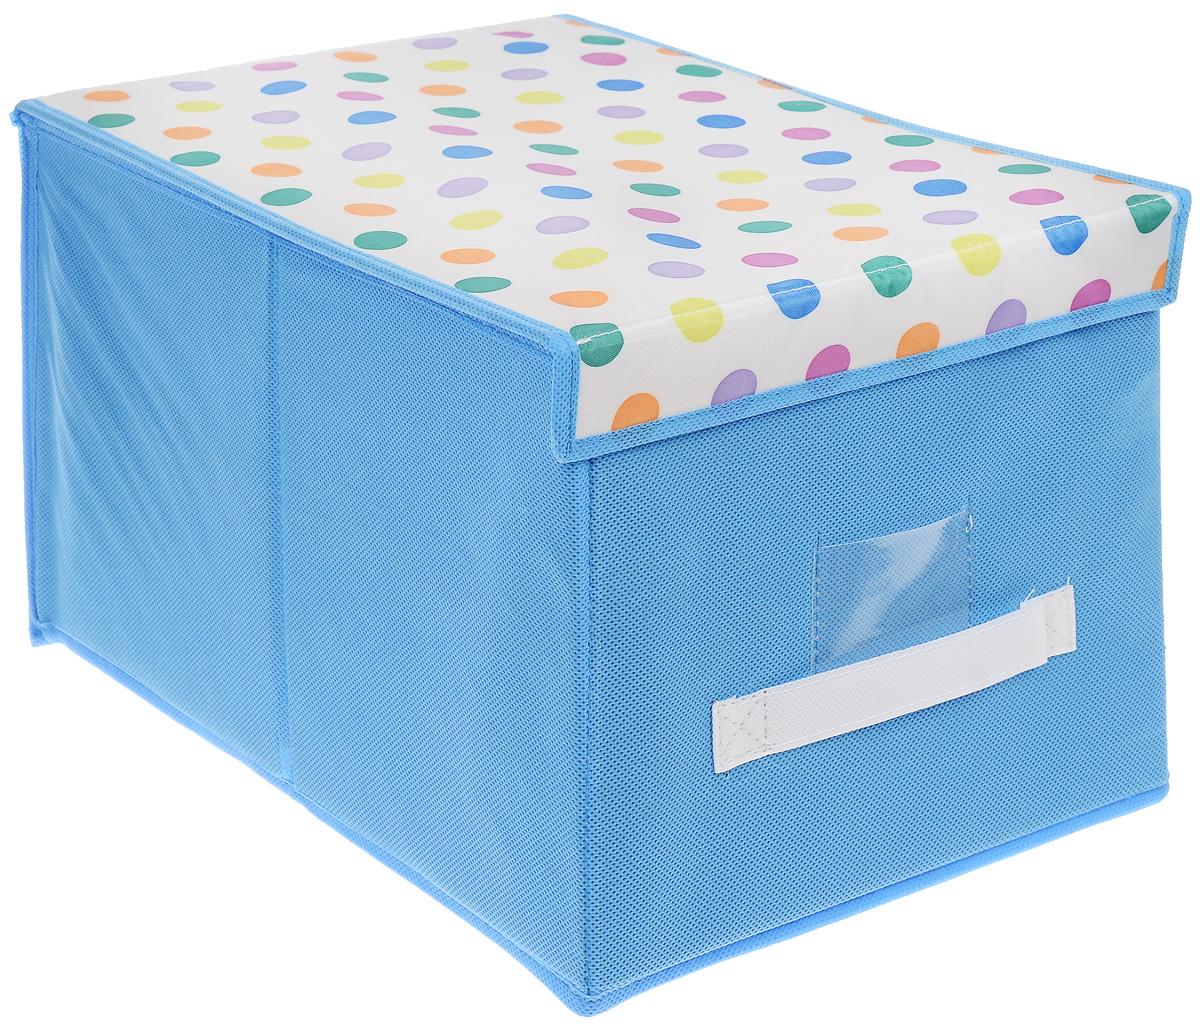 Чехол-коробка для хранения вещей Voila Kids, цвет: голубой, белый, 30 х 40 х 25 смМ1310_голубойЧехол-коробка Voila Kids выполнен из полипропилена. Изделие предназначено для хранения вещей. Он защитит вещи от повреждений, пыли, влаги и загрязнений во время хранения и транспортировки. Чехол-коробка идеально подходит для хранения детских вещей и игрушек. Жесткий каркас из плотного толстого картона обеспечивает устойчивость конструкции. Крышка, оформленная принтом горох, закрывается на липучки. В прозрачном окне-кармашке на передней стенке чехла можно поместить бумажную этикетку с указанием содержимого чехла-коробки.